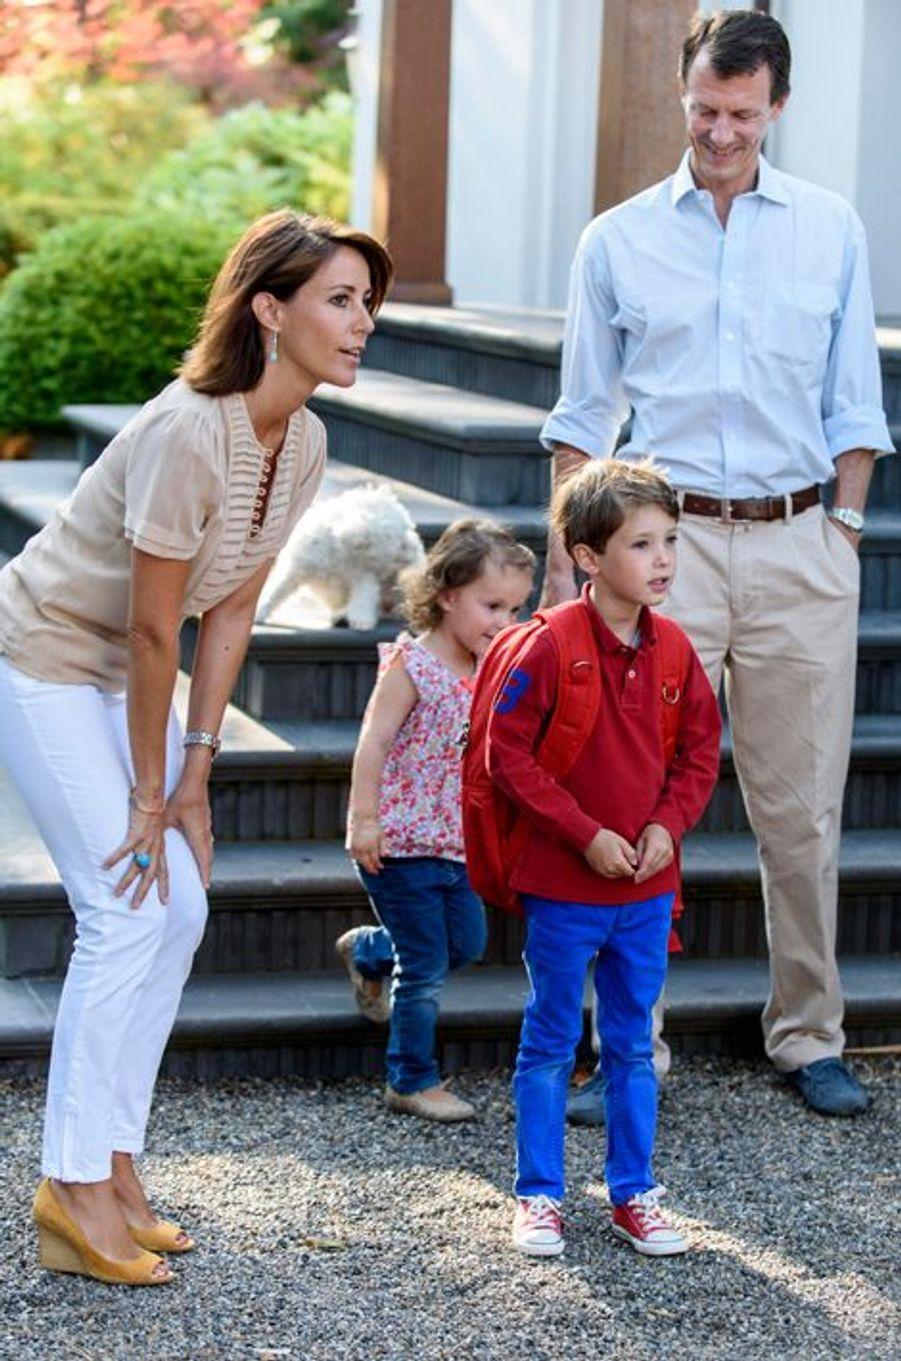 La princesse Marie et le prince Joachim de Danemark avec le prince Henrik et la princesse Athena à Copenhague, le 14 août 2015